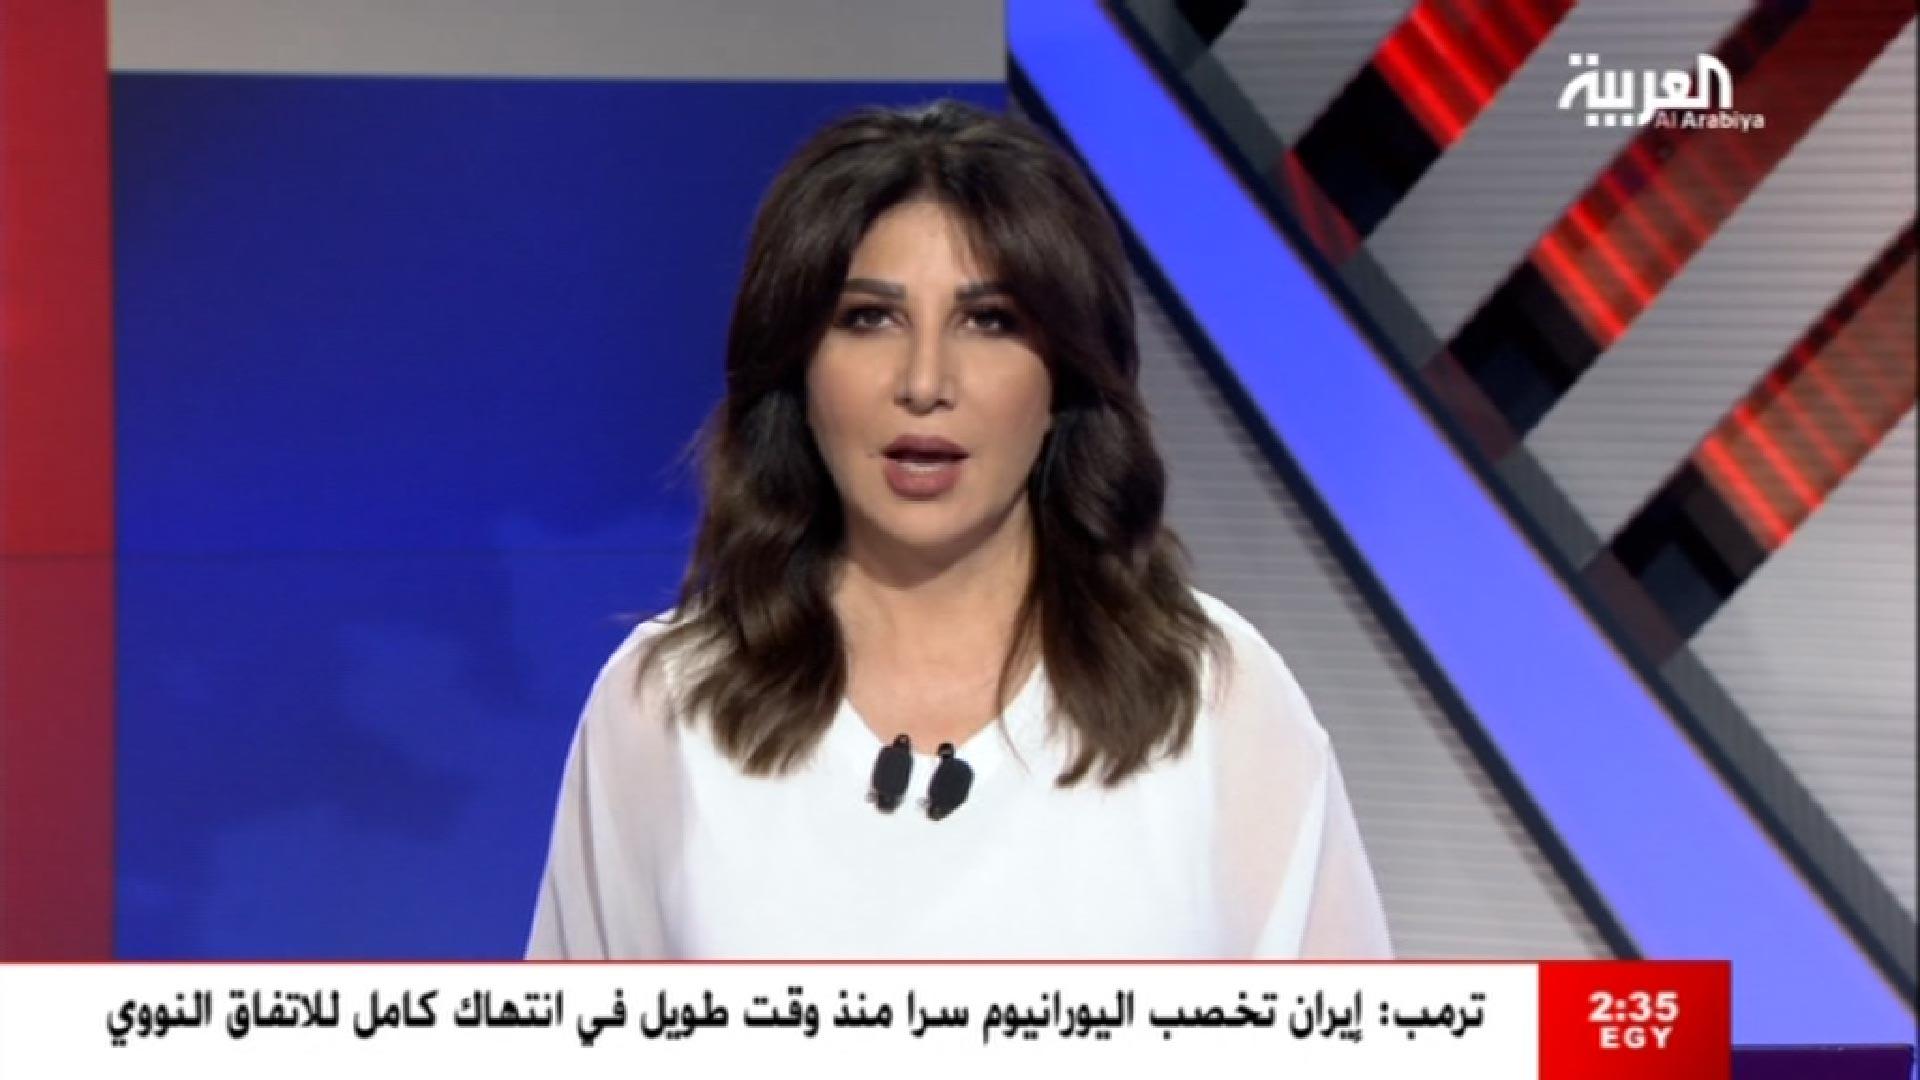 Frekuensi siaran Al Arabiya di satelit AsiaSat 5 Terbaru